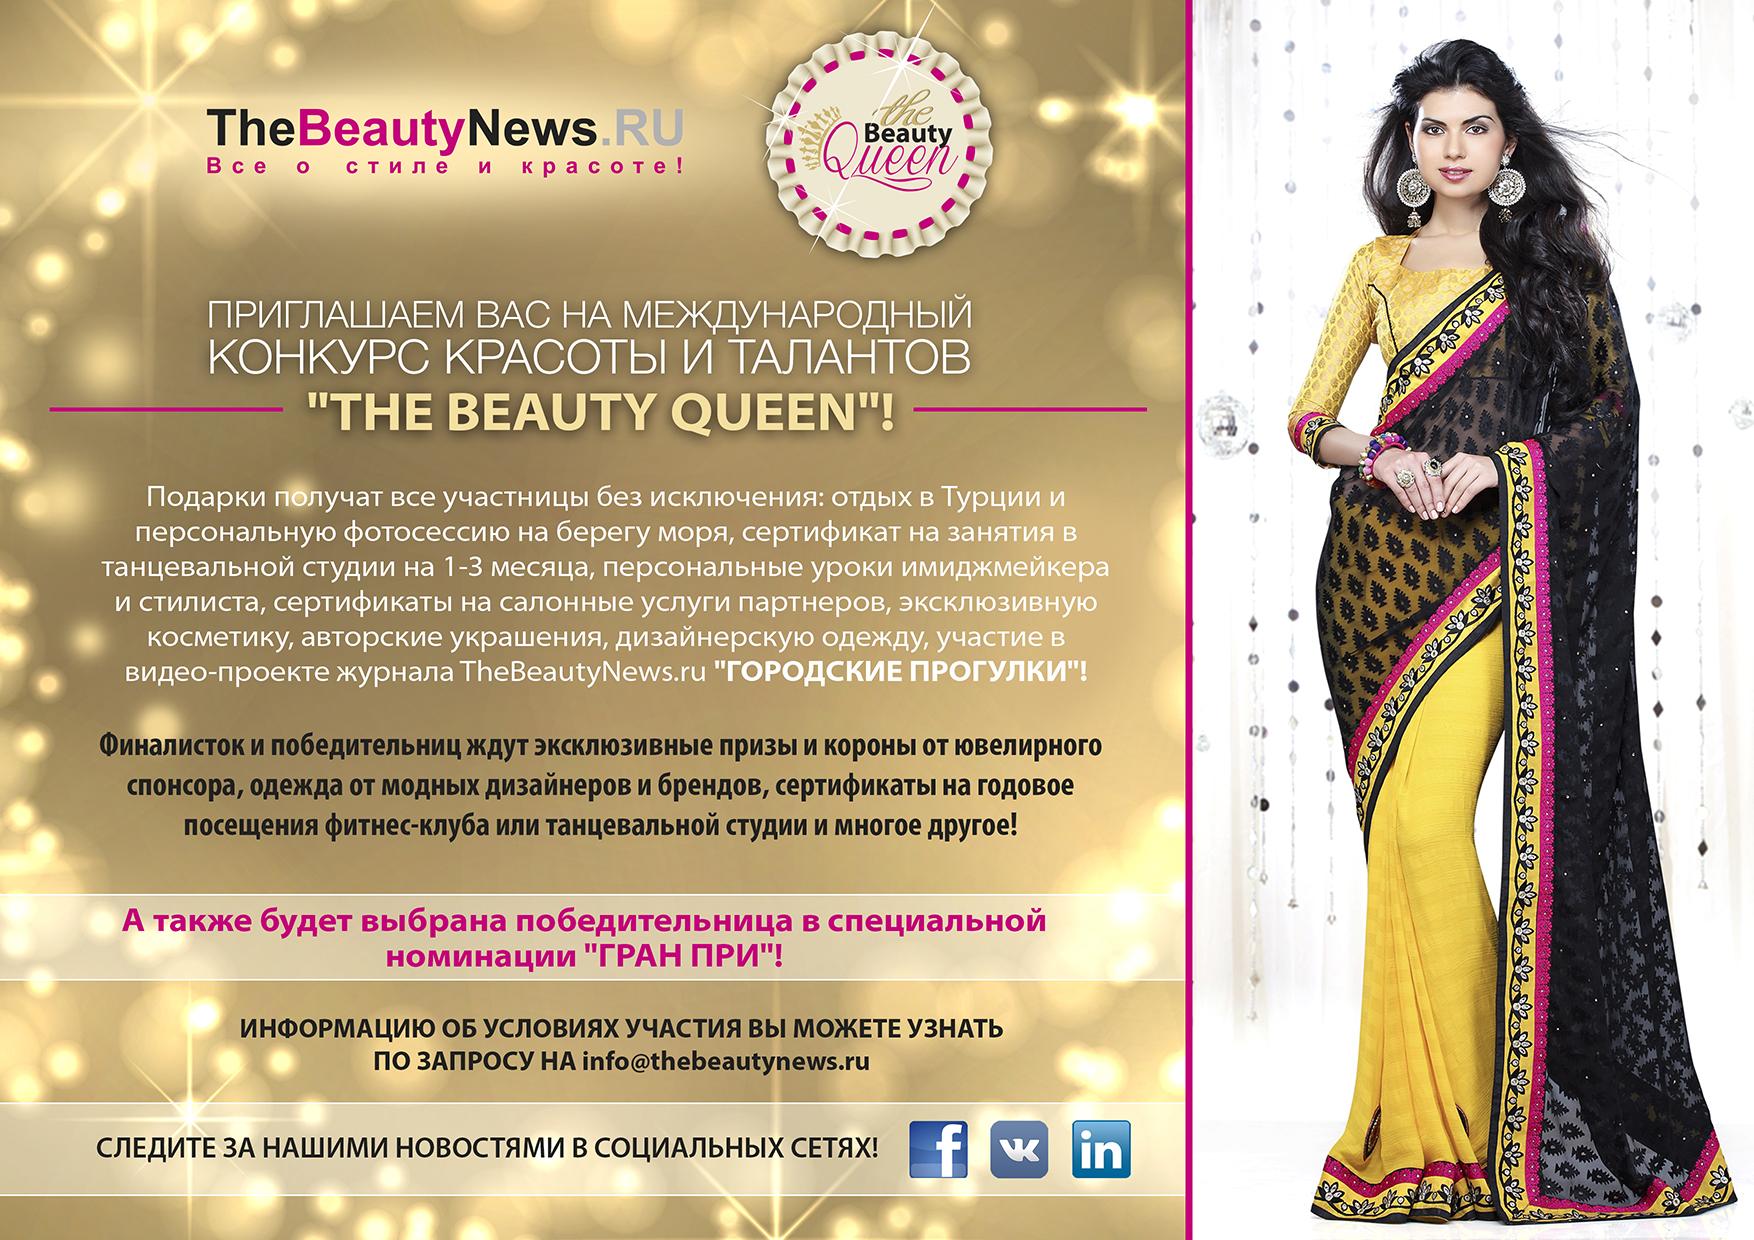 Предложение спонсорам конкурса красоты